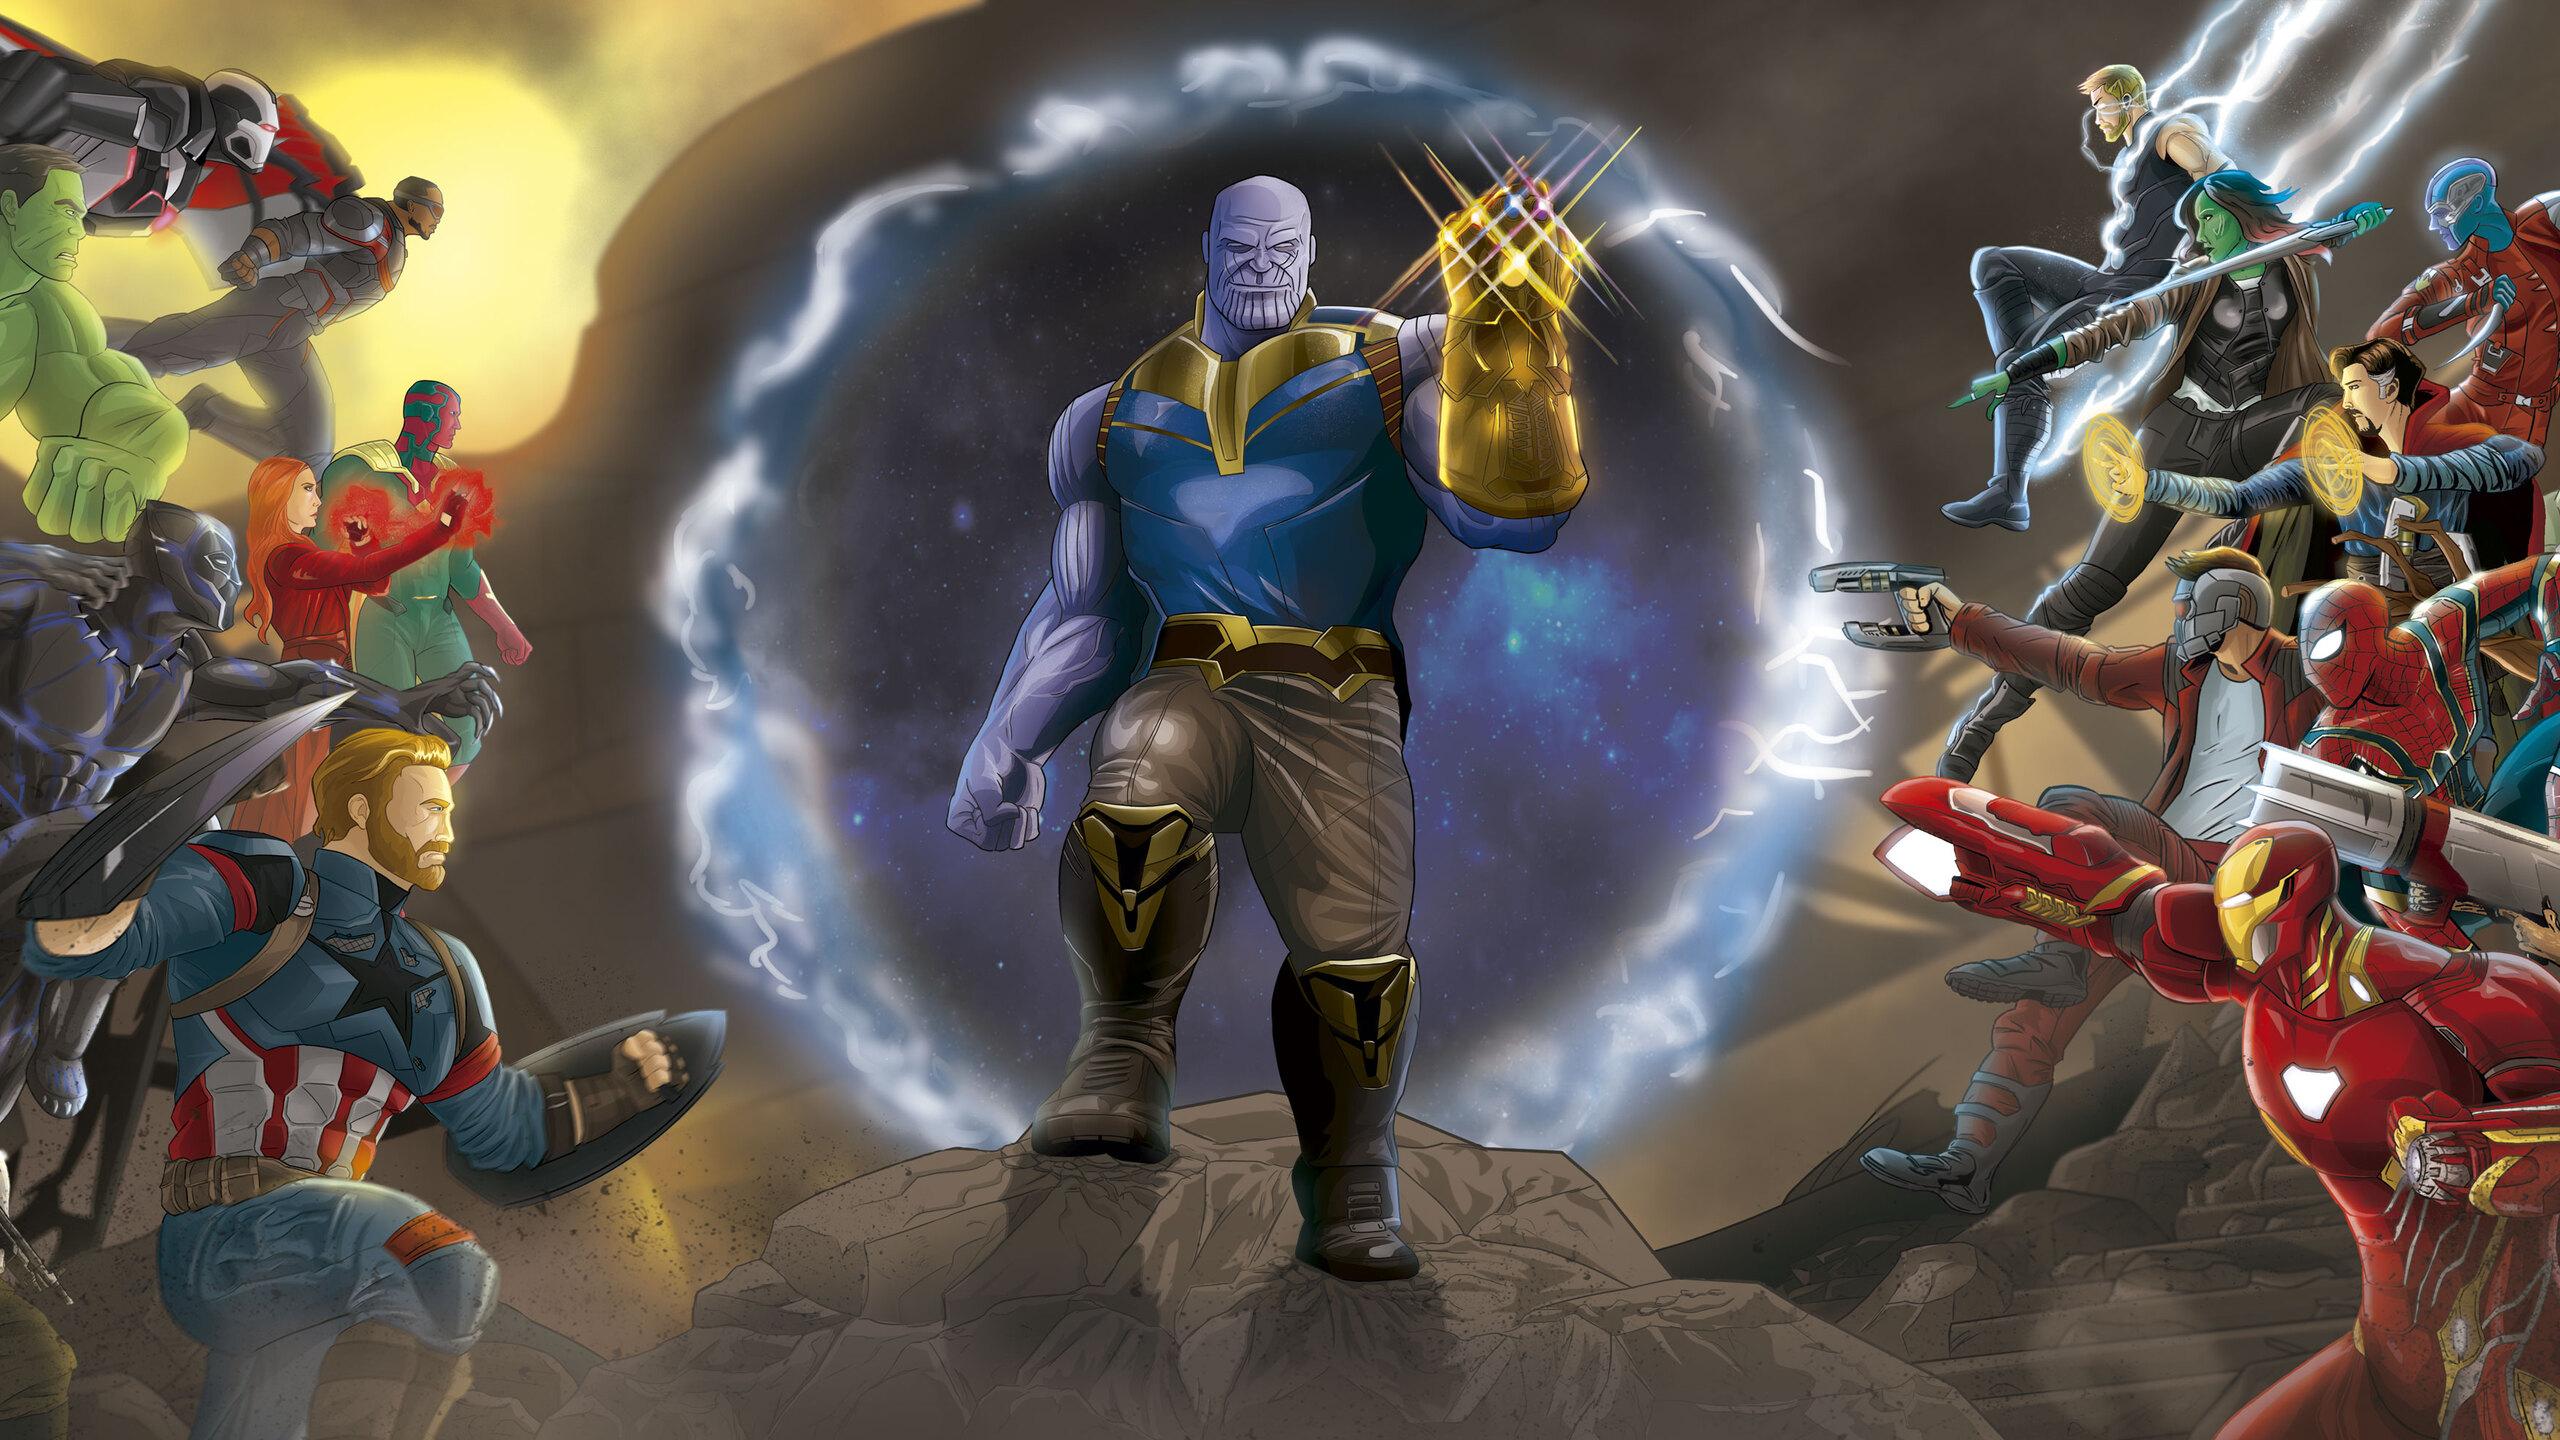 Pubg Wallpaper Logo 2560x1440 Marvel Avengers Infinity War Fan Art 1440p